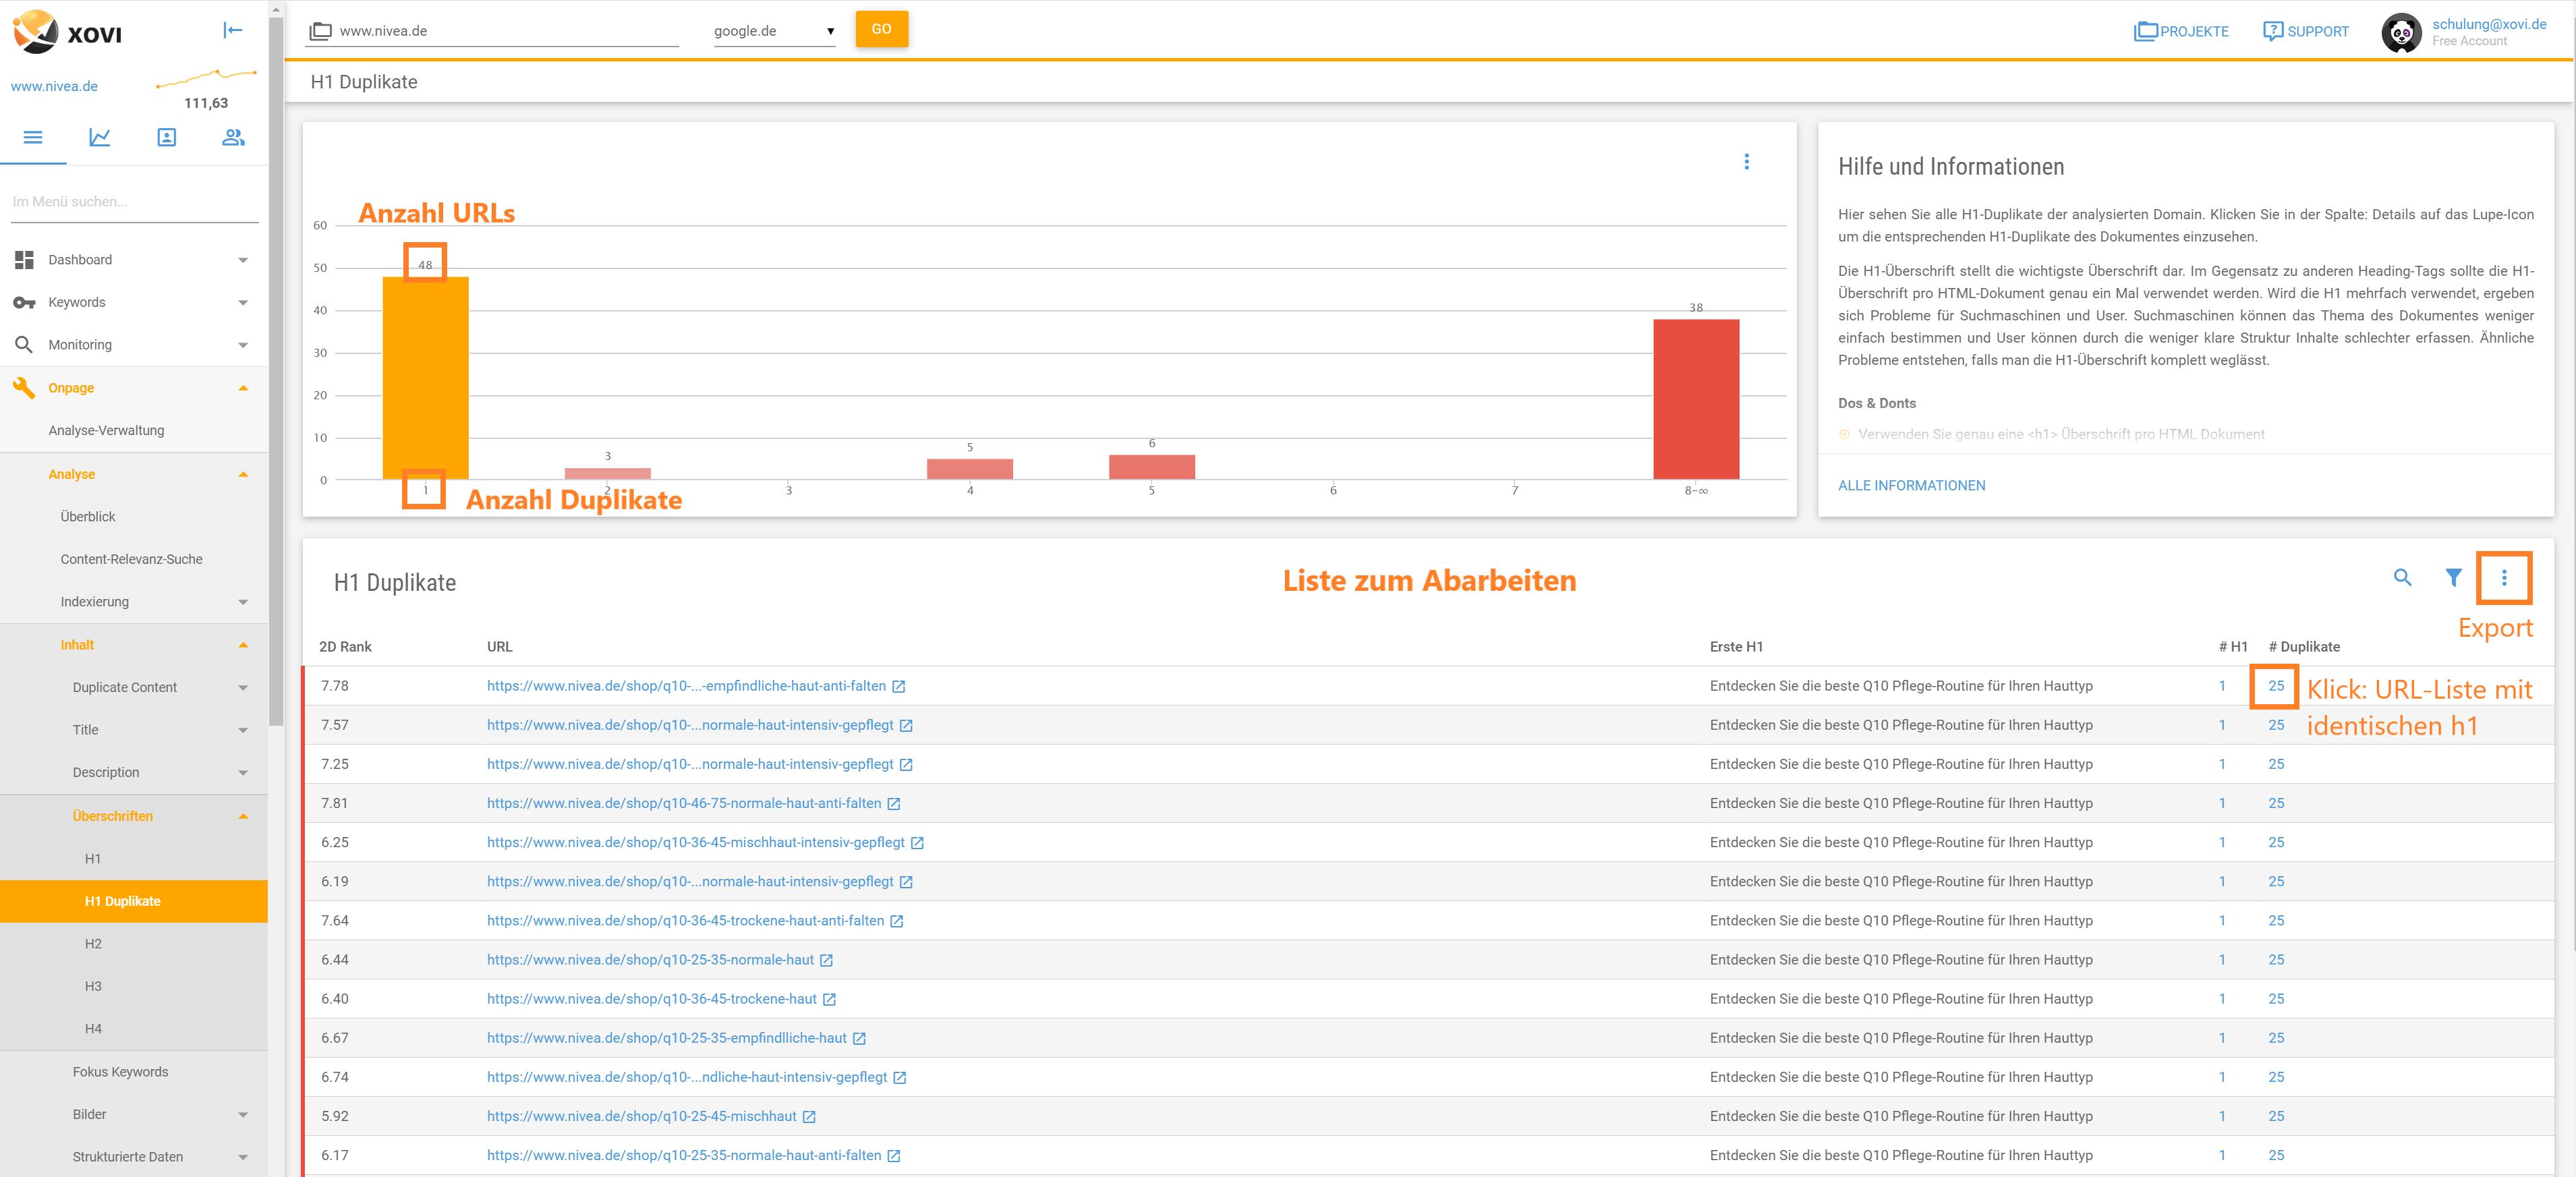 Screenshot der Liste der URLs mit h1-Duplikaten in der XOVI Suite